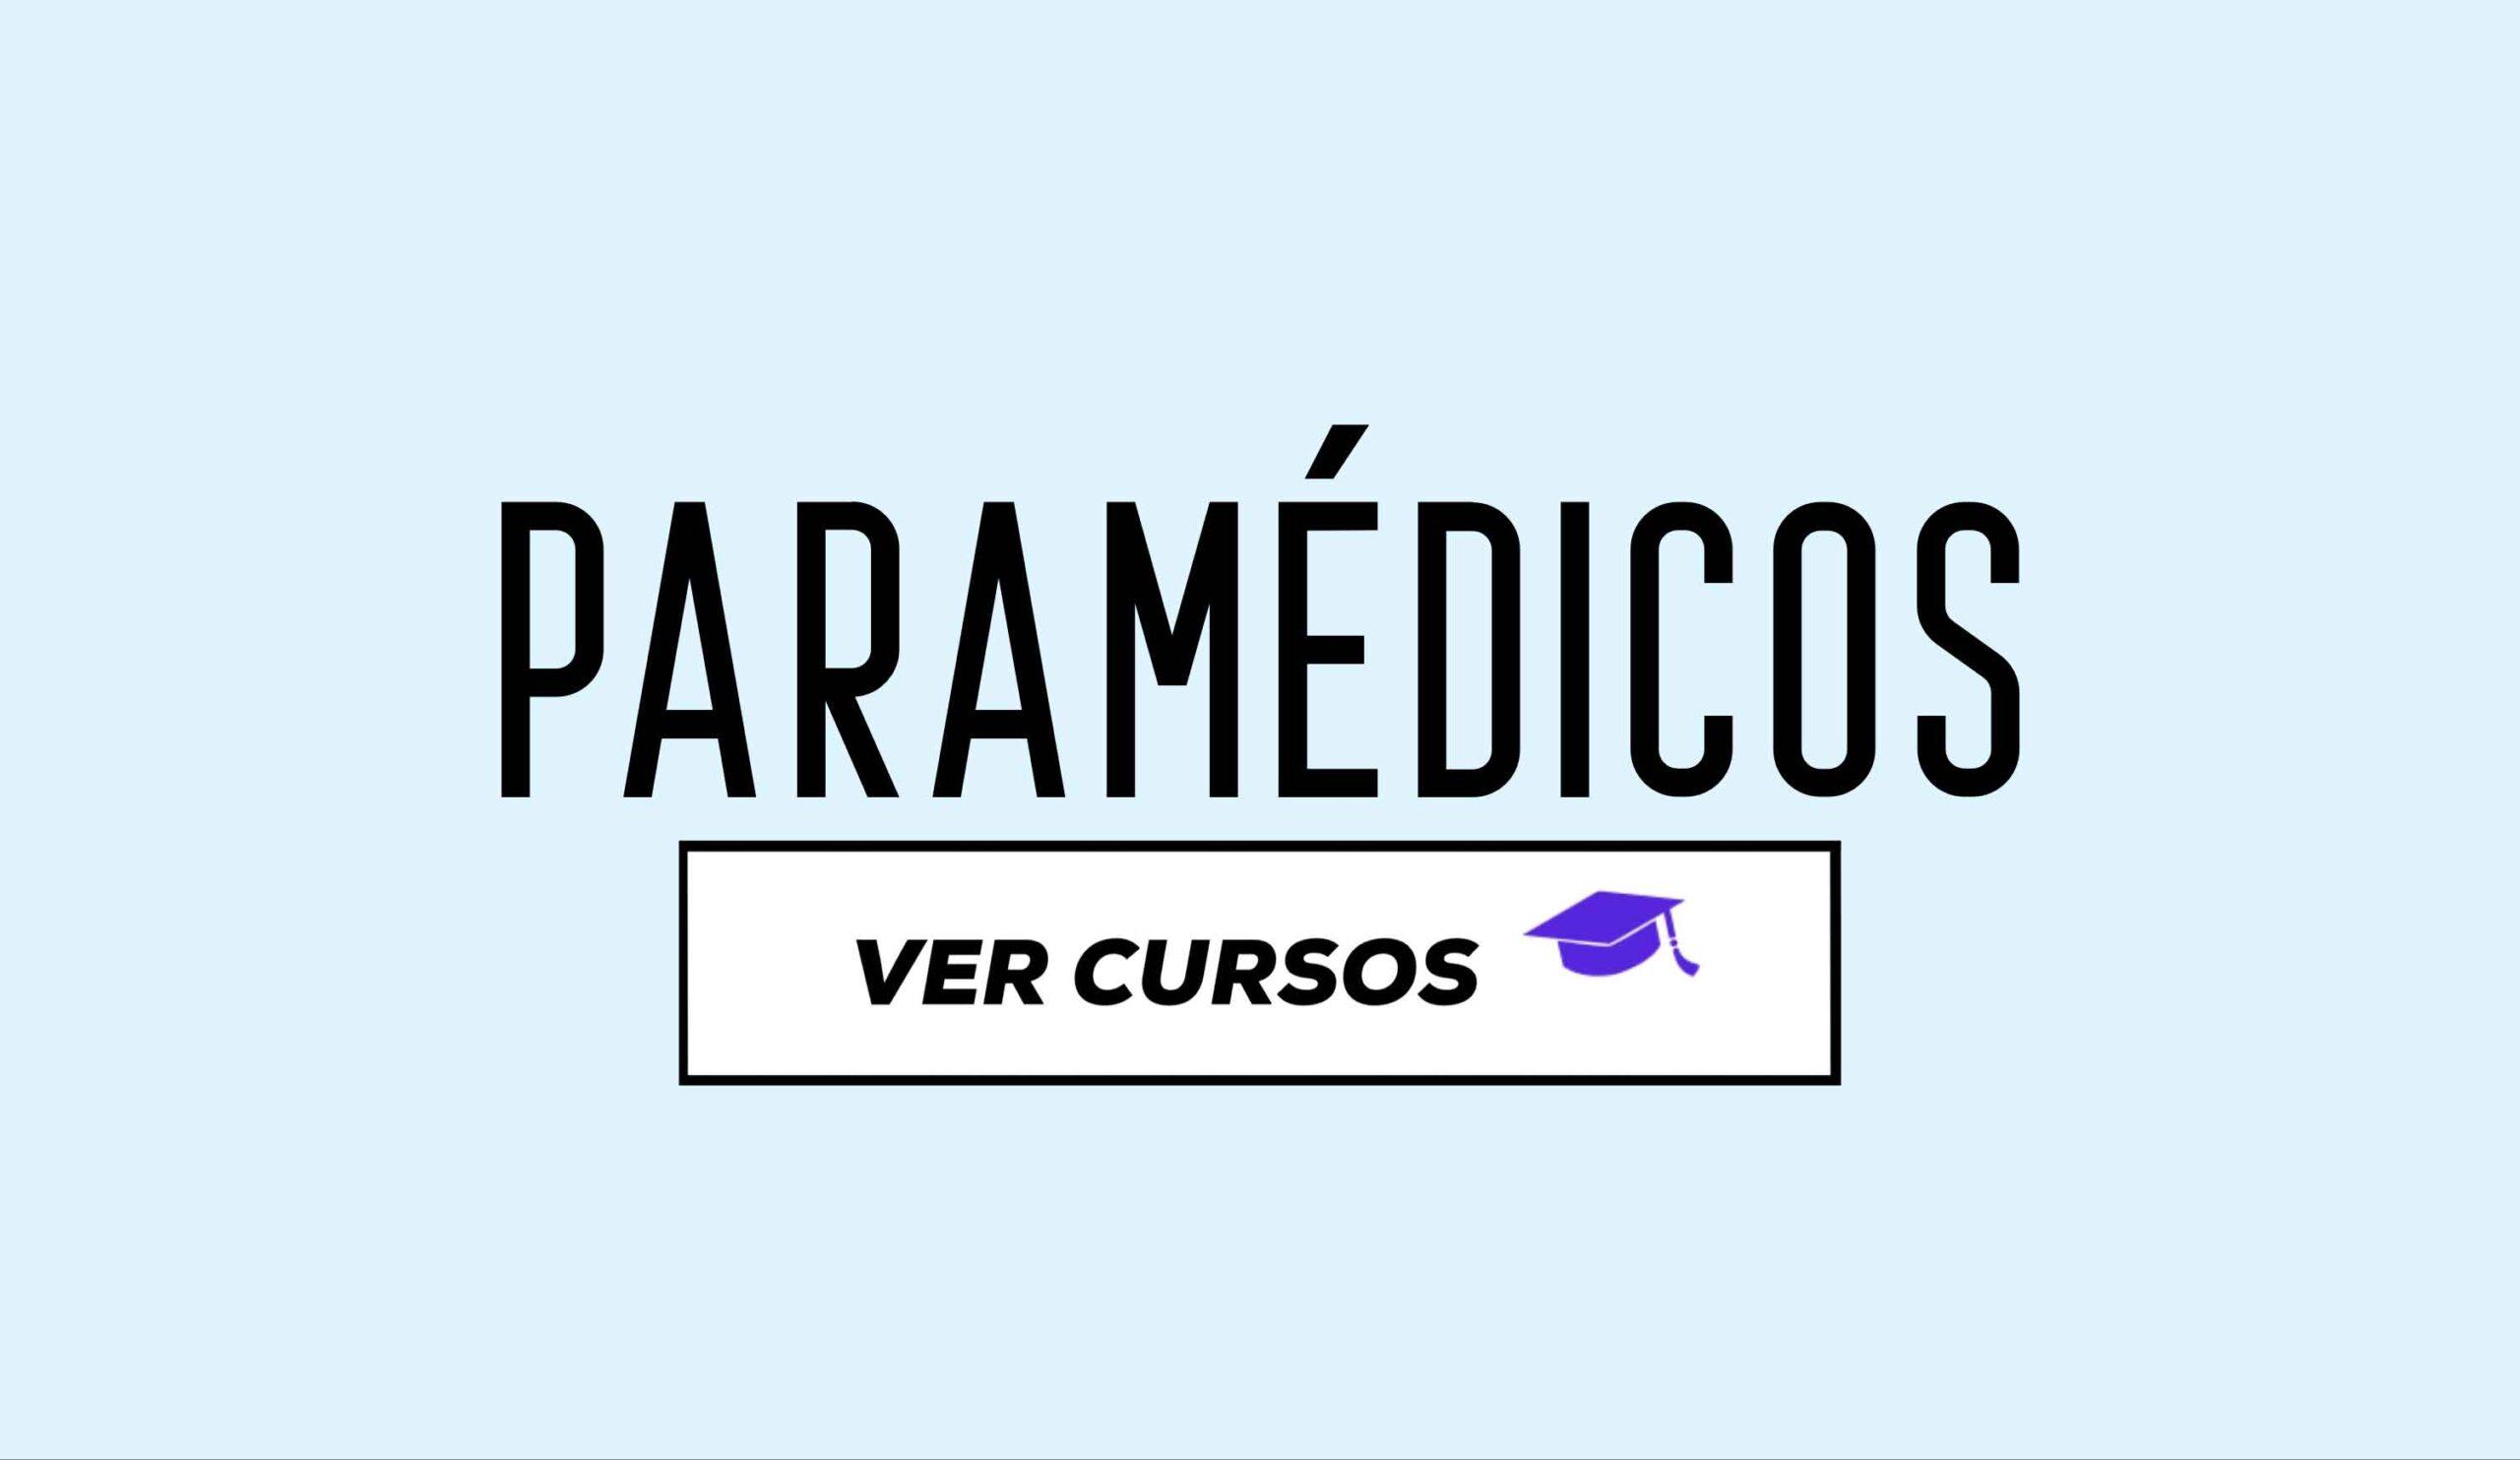 cursos paramedicos cente